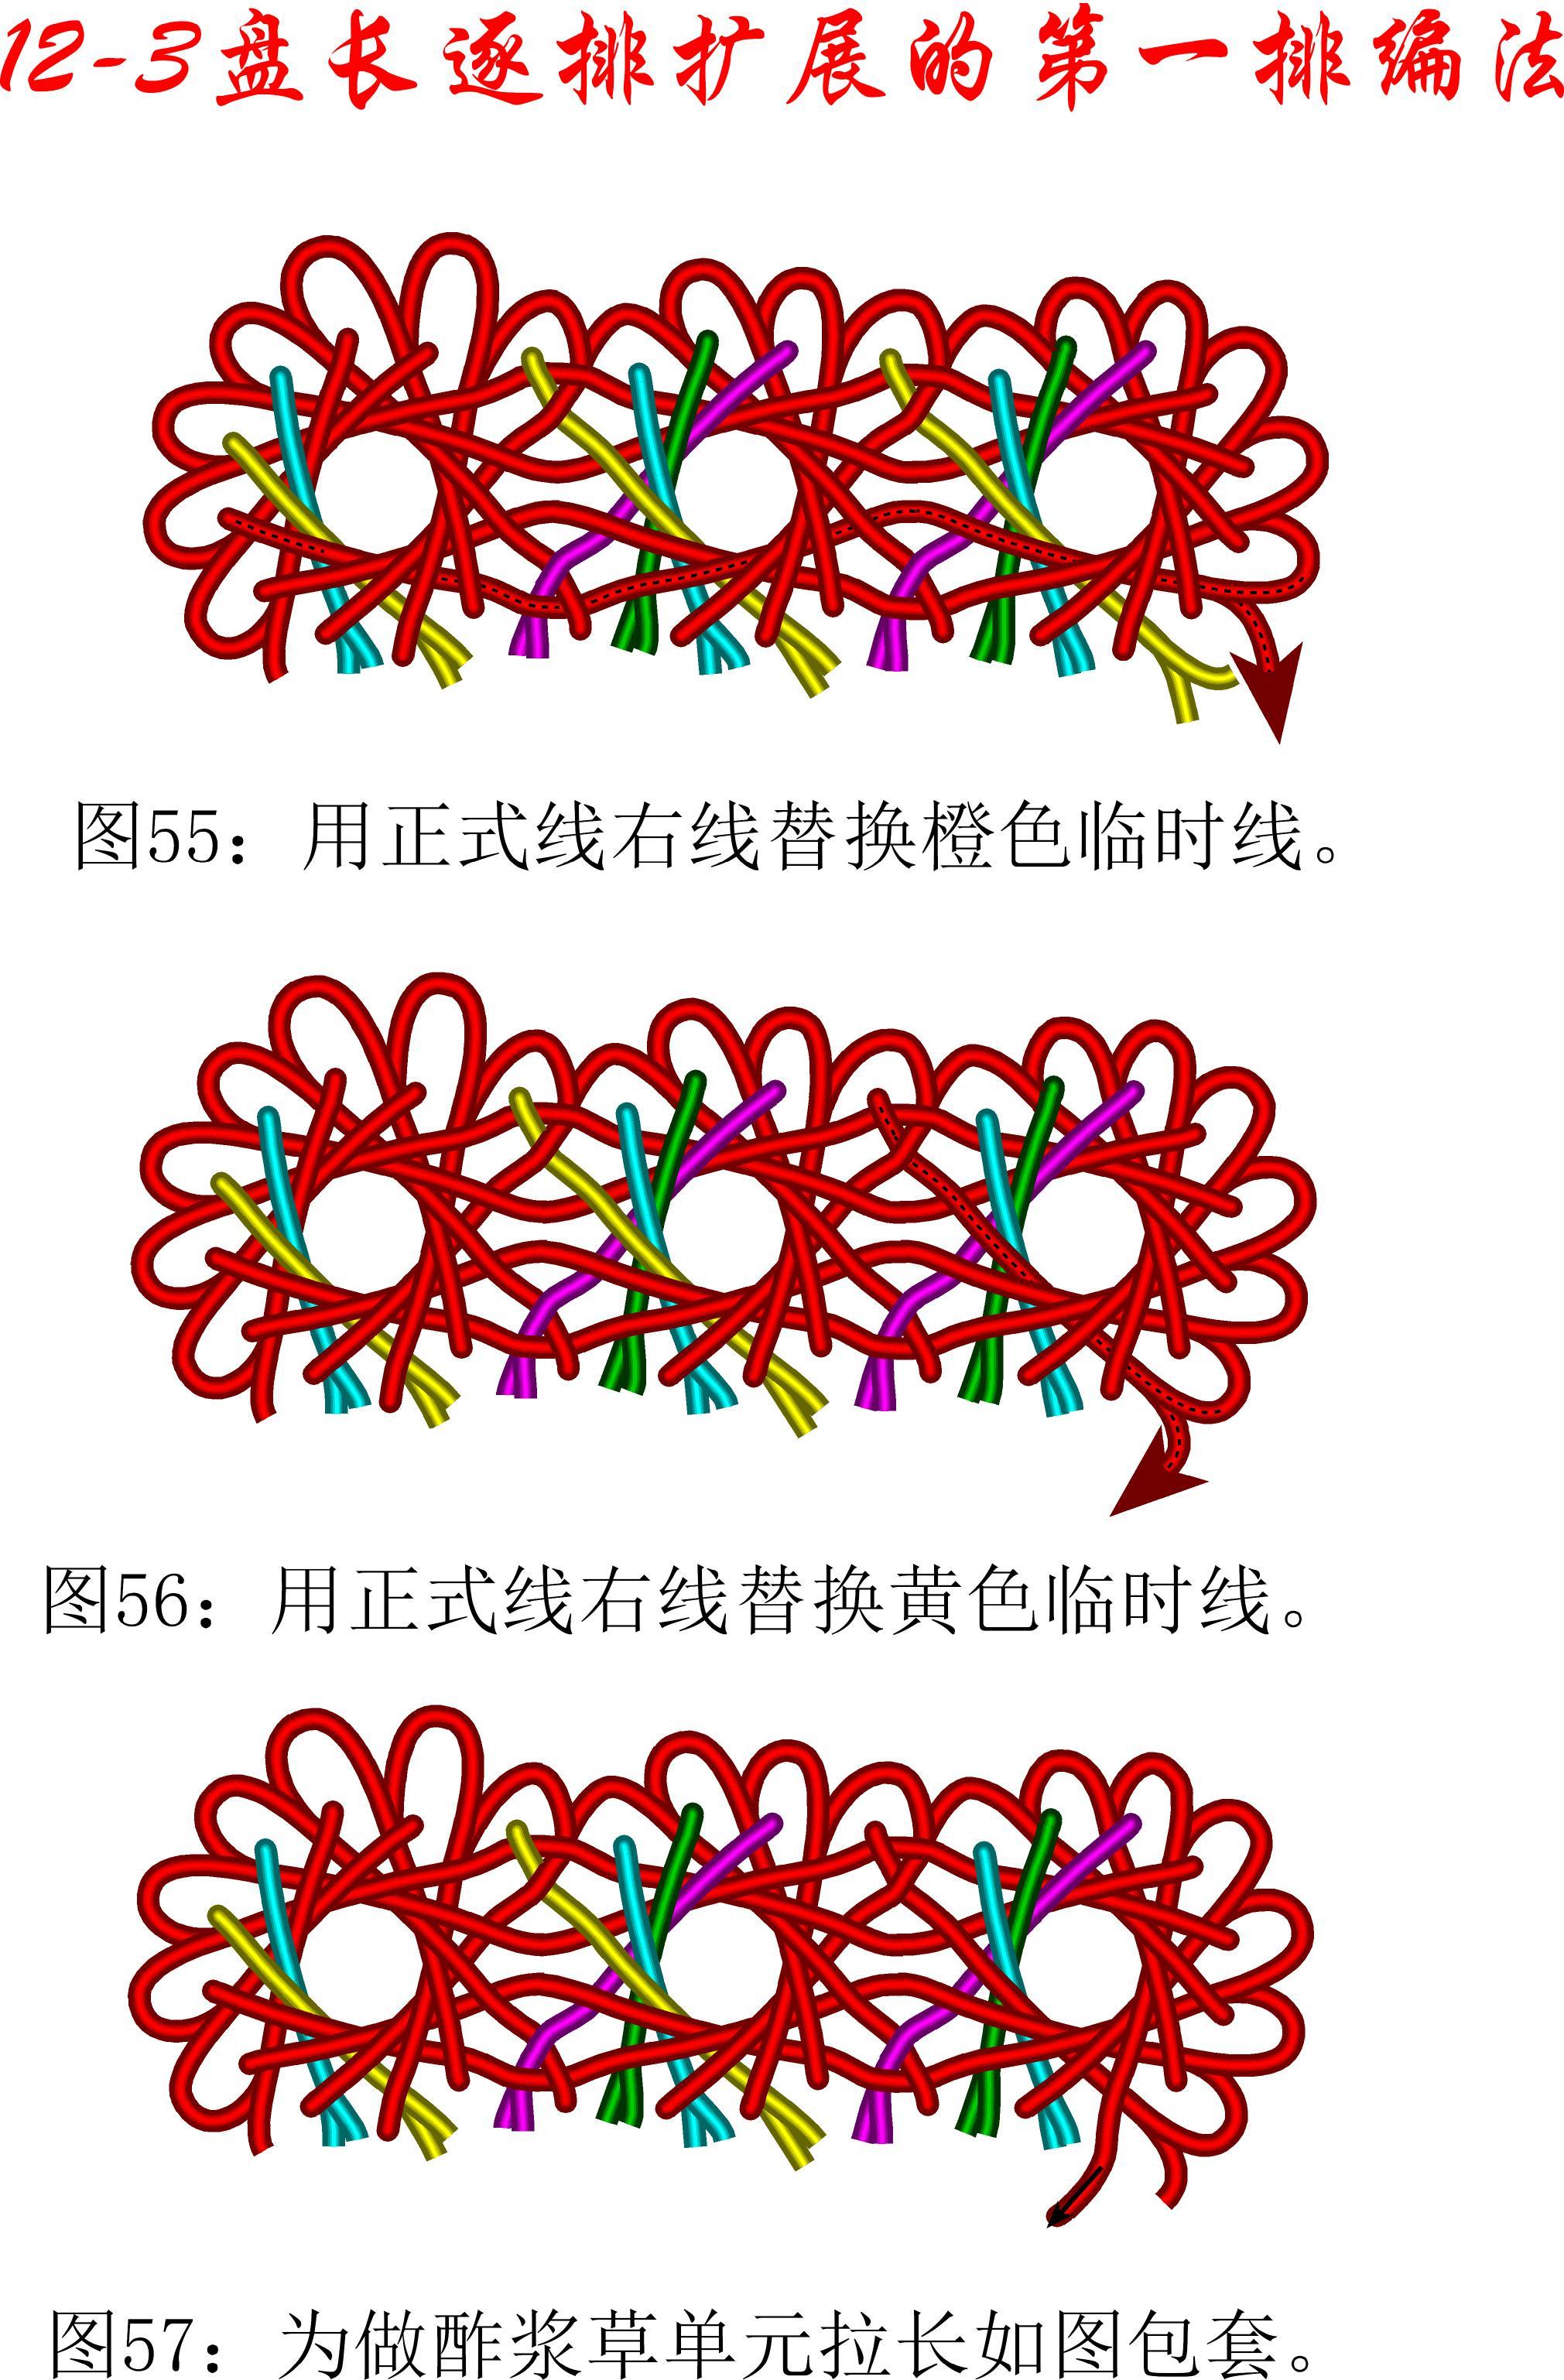 中国结论坛 12-3排扩展法第一排的基盘长编法教程 教程,共基接法,扩展法定义,定基分析法,扩展编码法 丑丑徒手编结 111458d5se1098m9ss4mz0